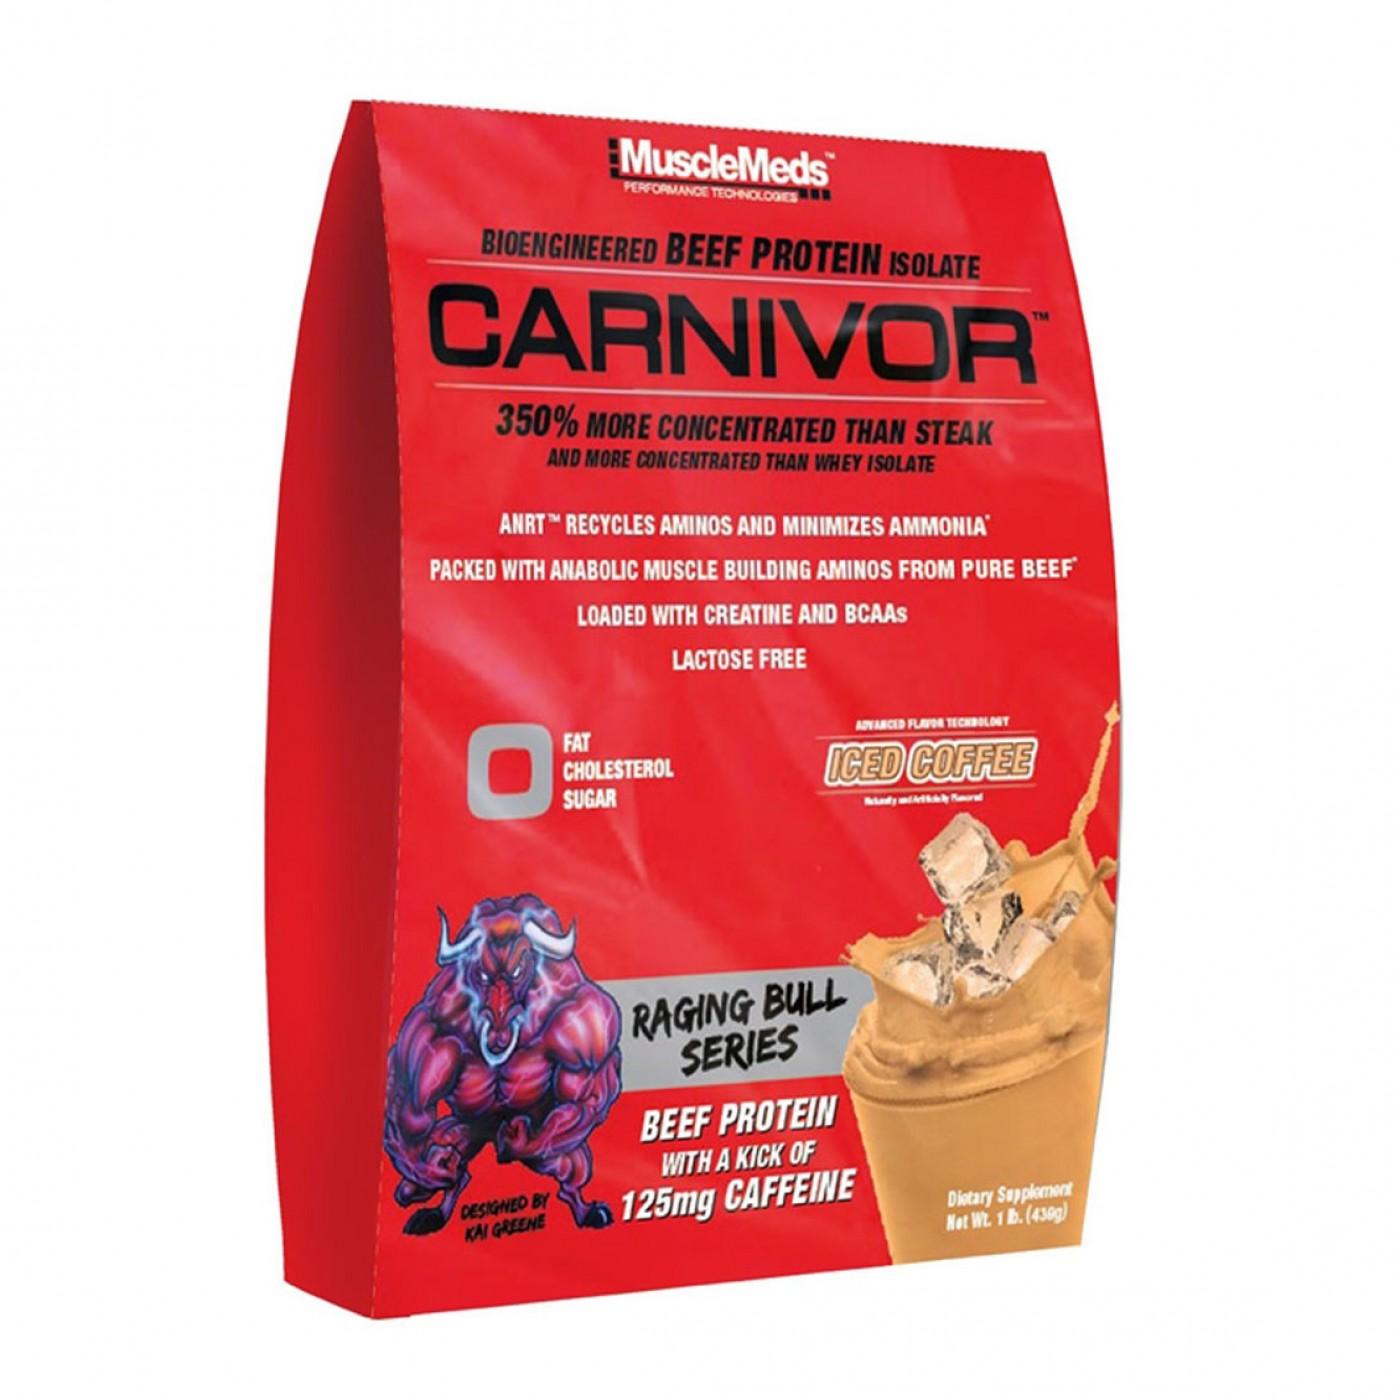 Muscle Meds Carnivor Raging Bull